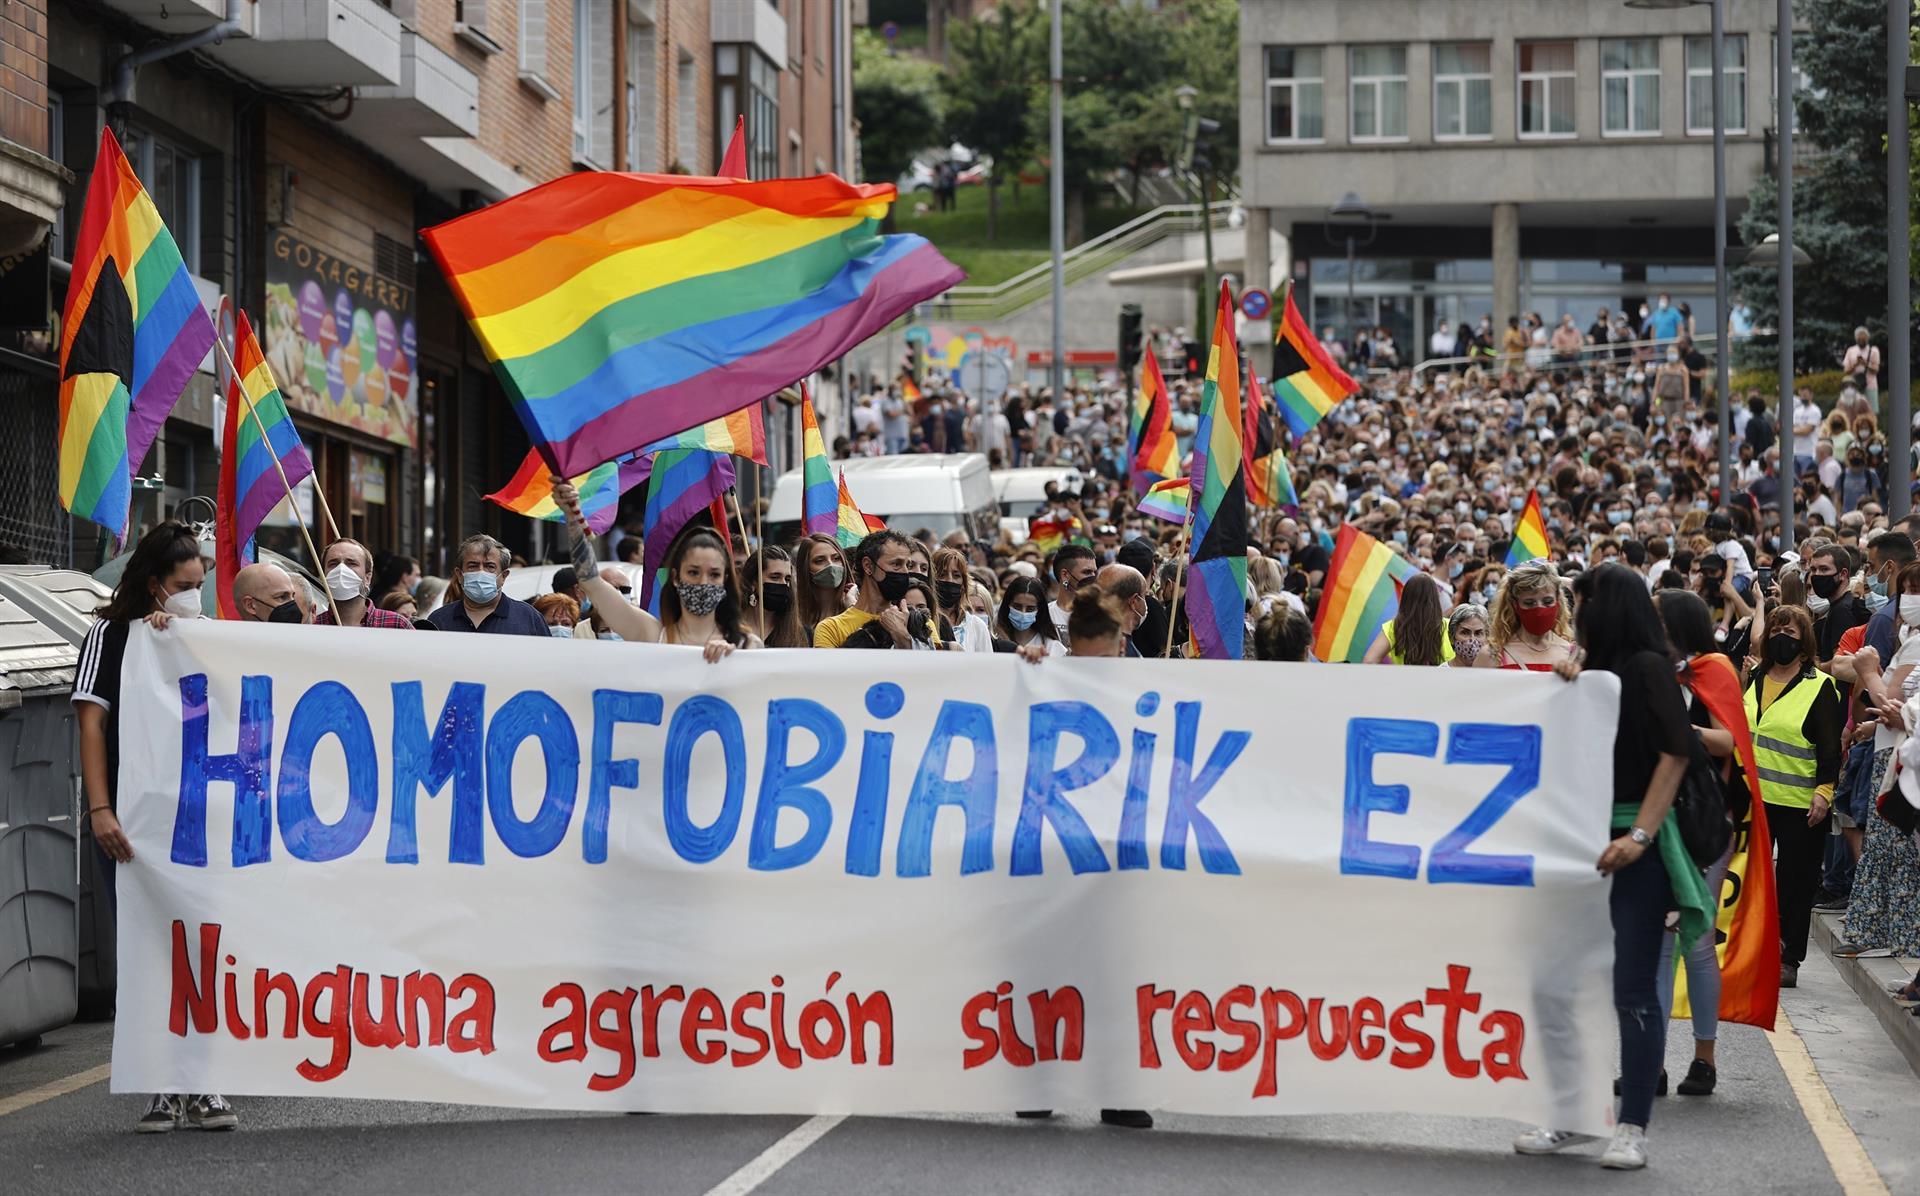 Multitudinaria manifestación en Basauri para condenar la brutal agresión homófoba a un joven